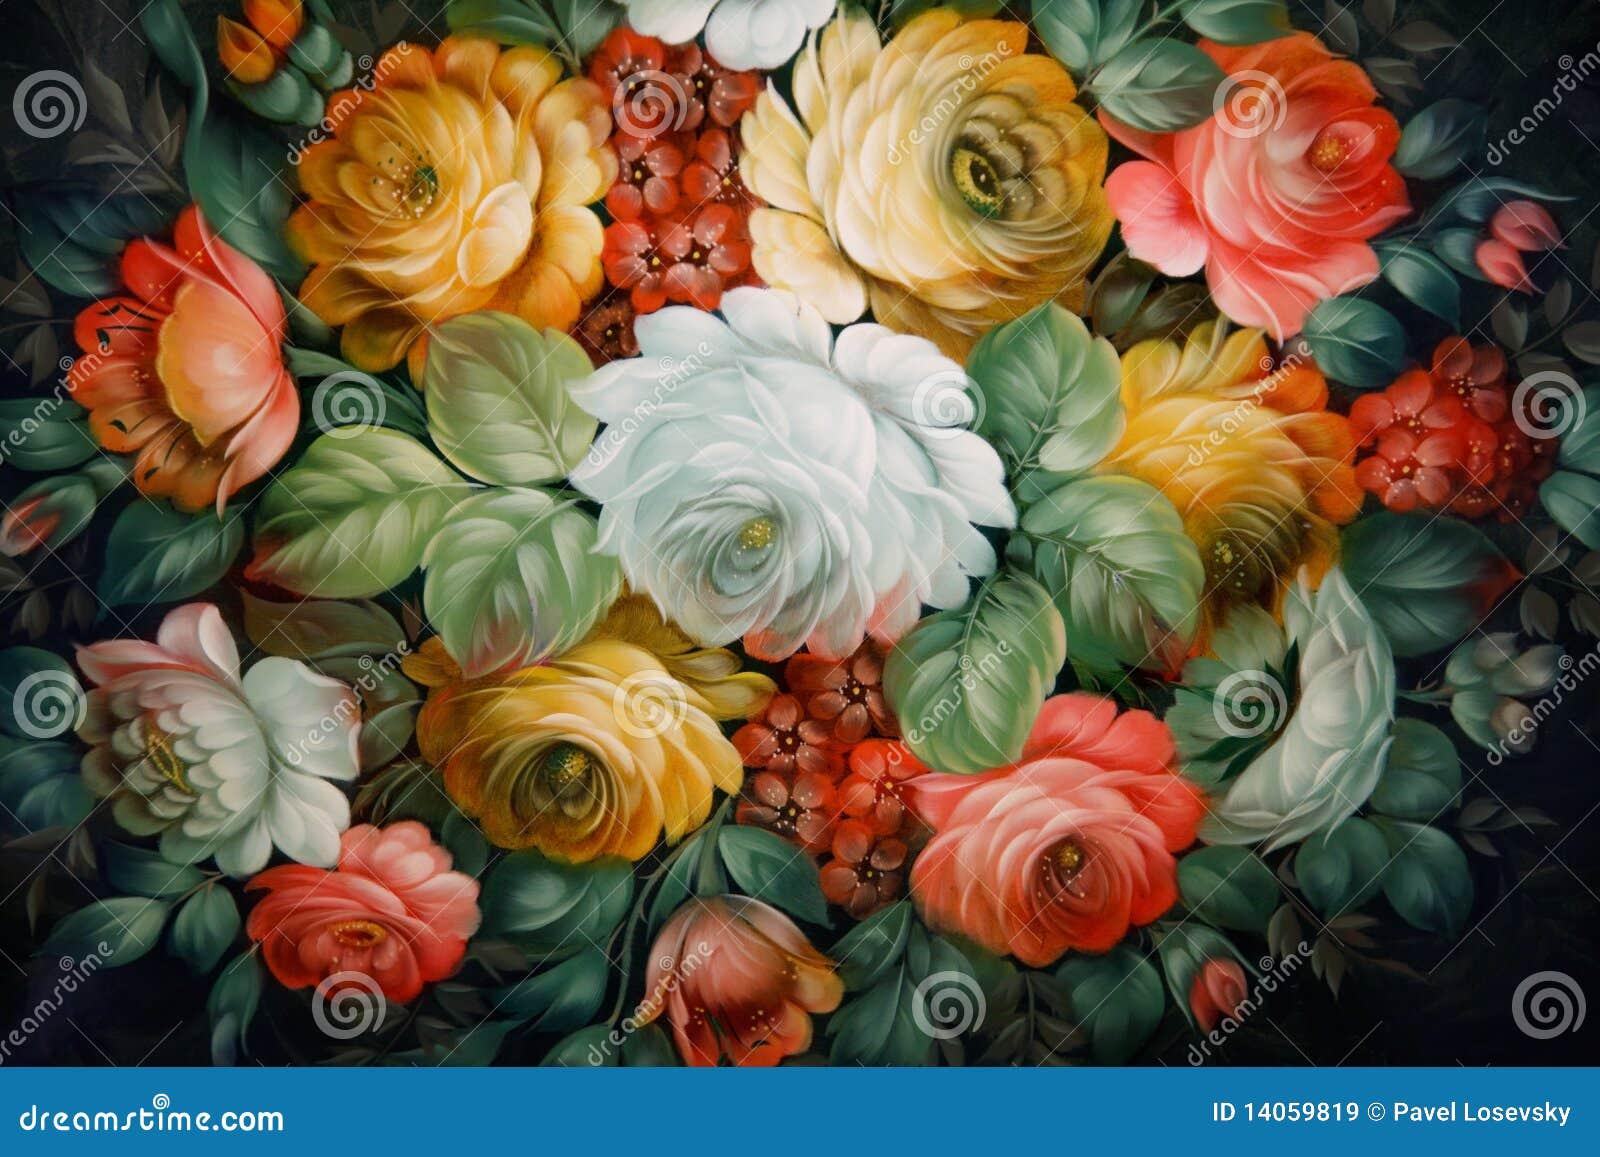 Plateau noir peint avec les configurations florales.